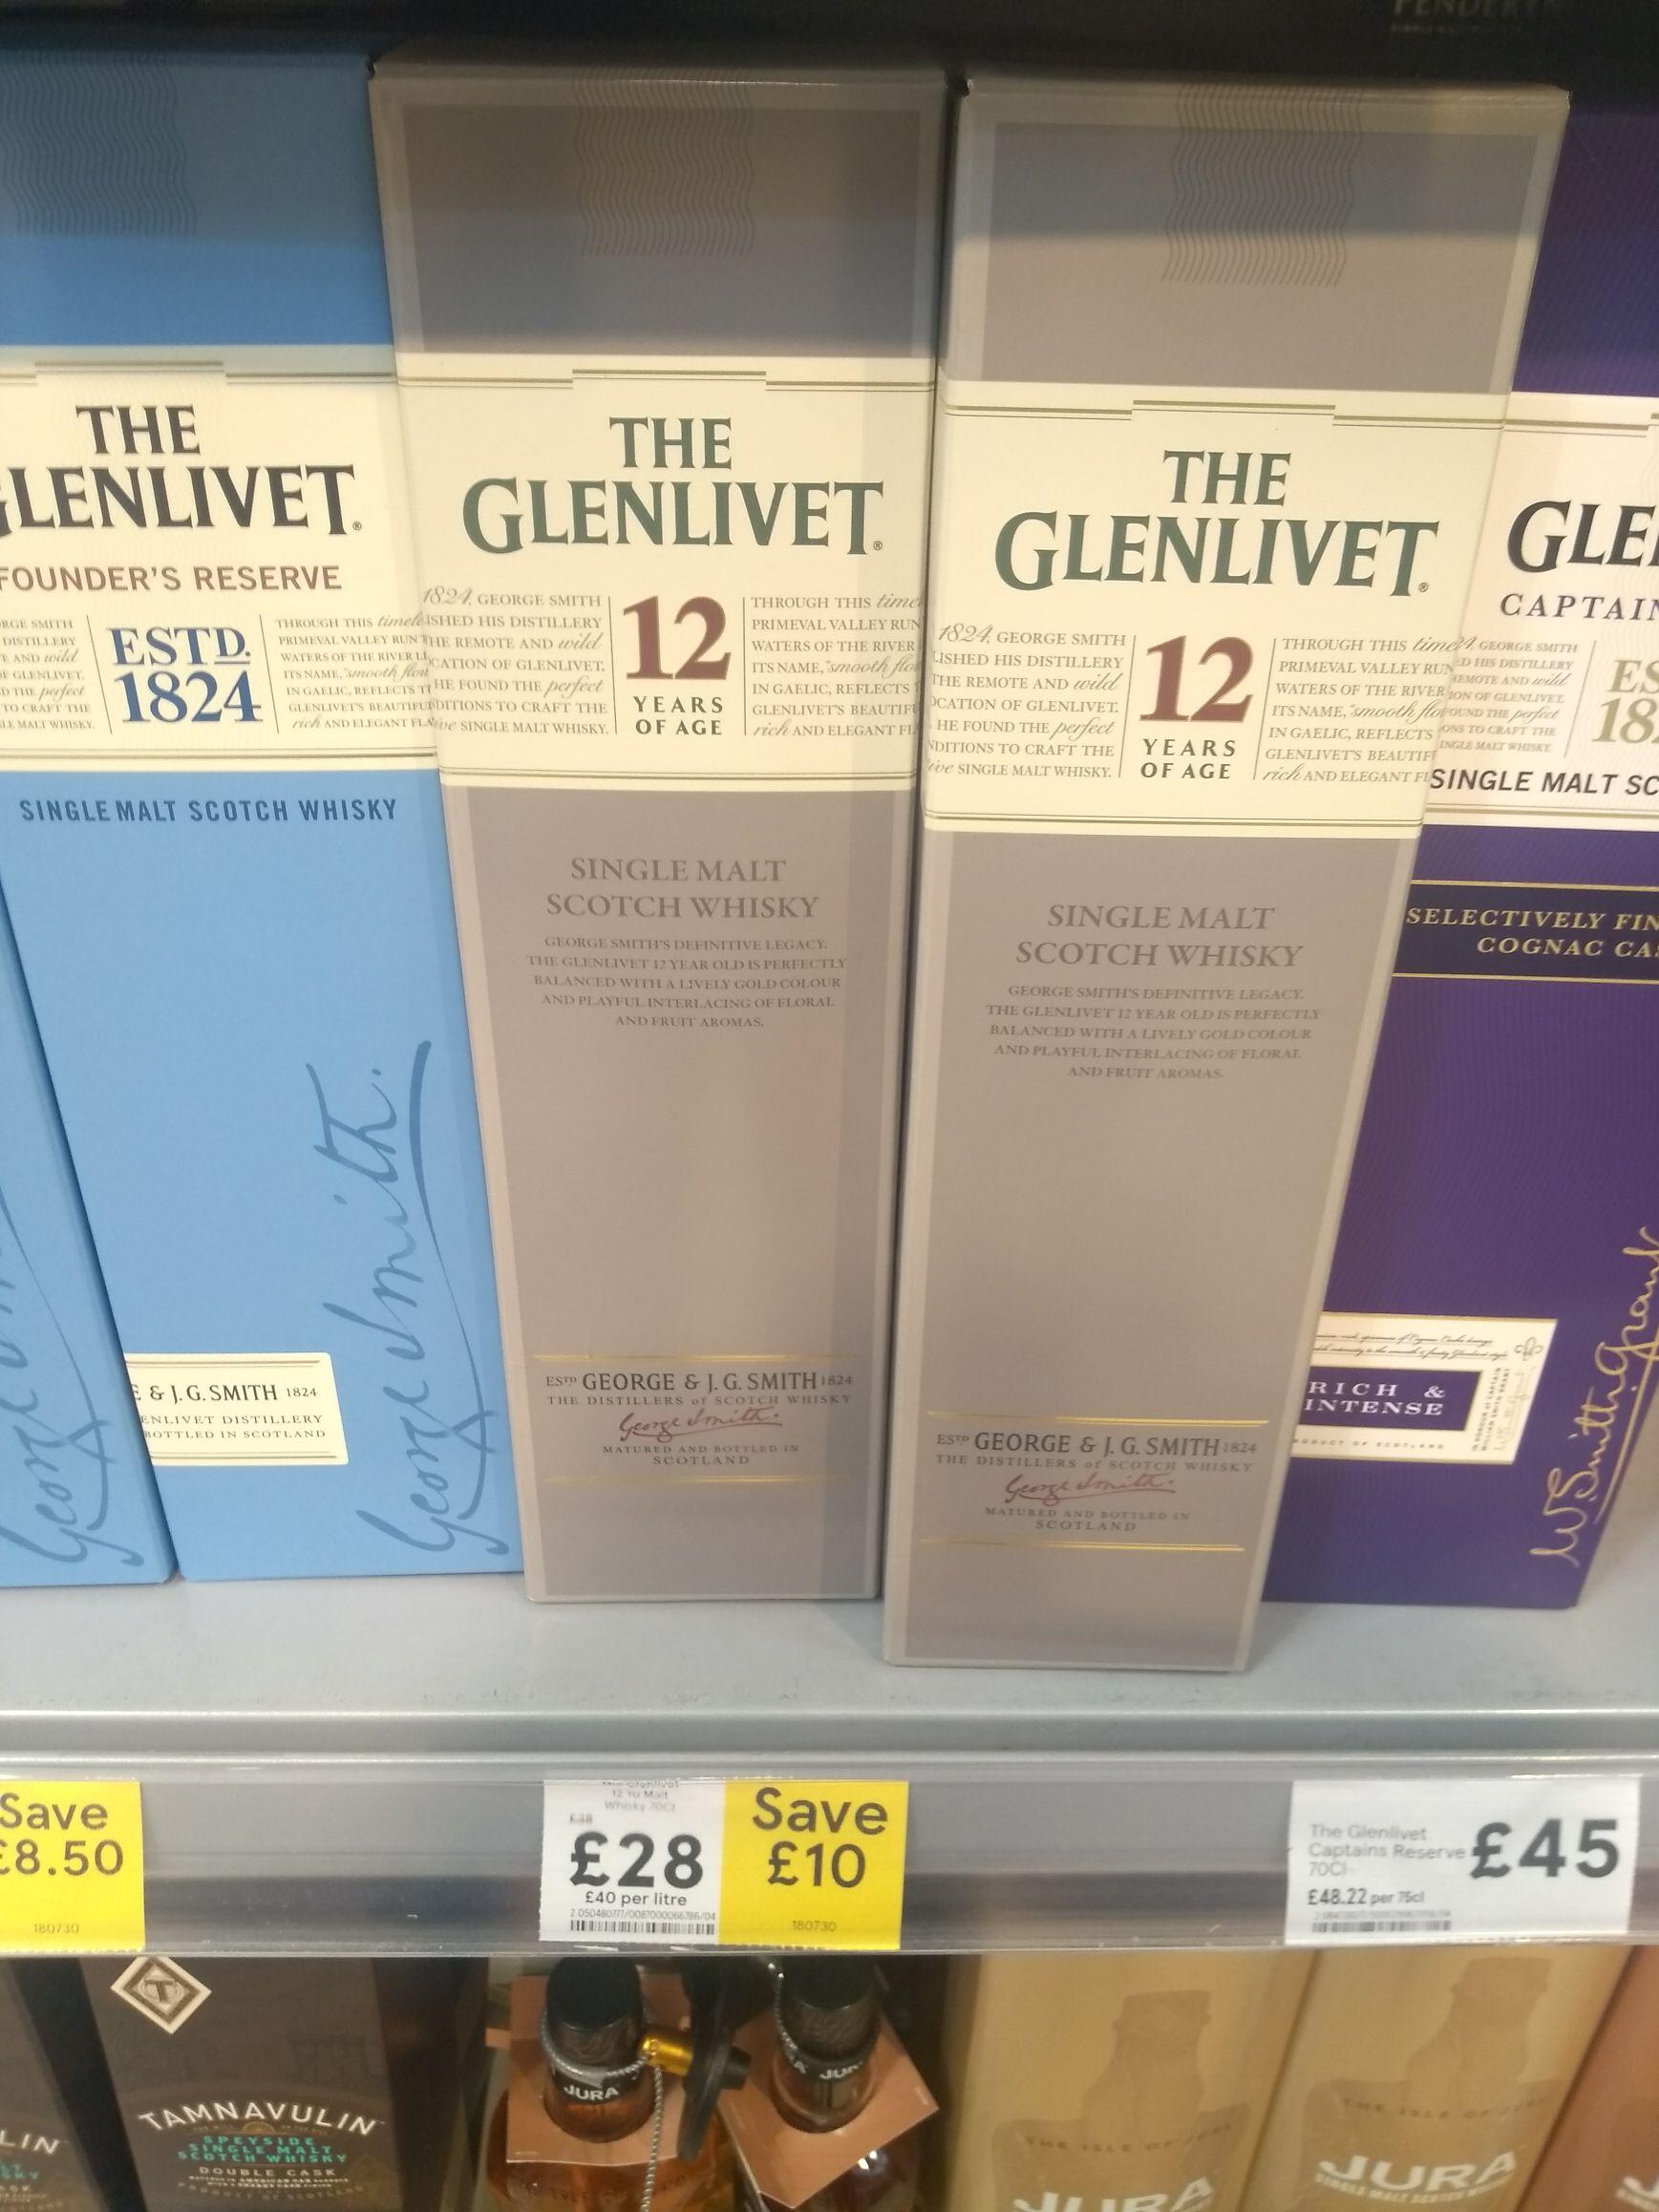 Glenlivet 12yr old malt scotch whisky 70cl £28 @ tesco